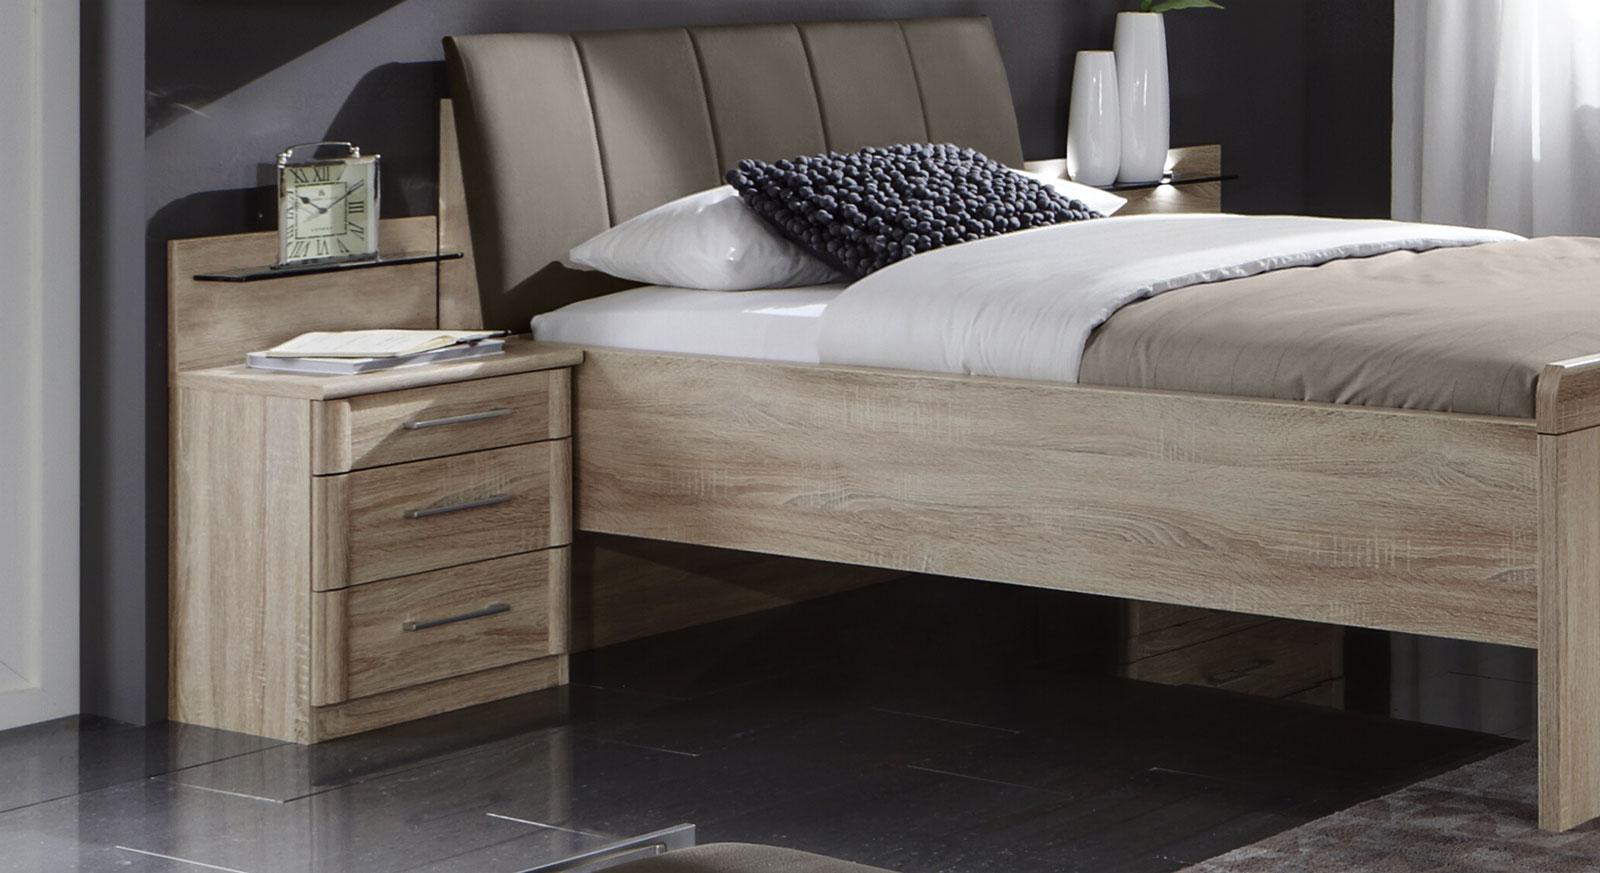 Nachttisch Runcorn aus Eiche sägerau in schmaler Ausführung